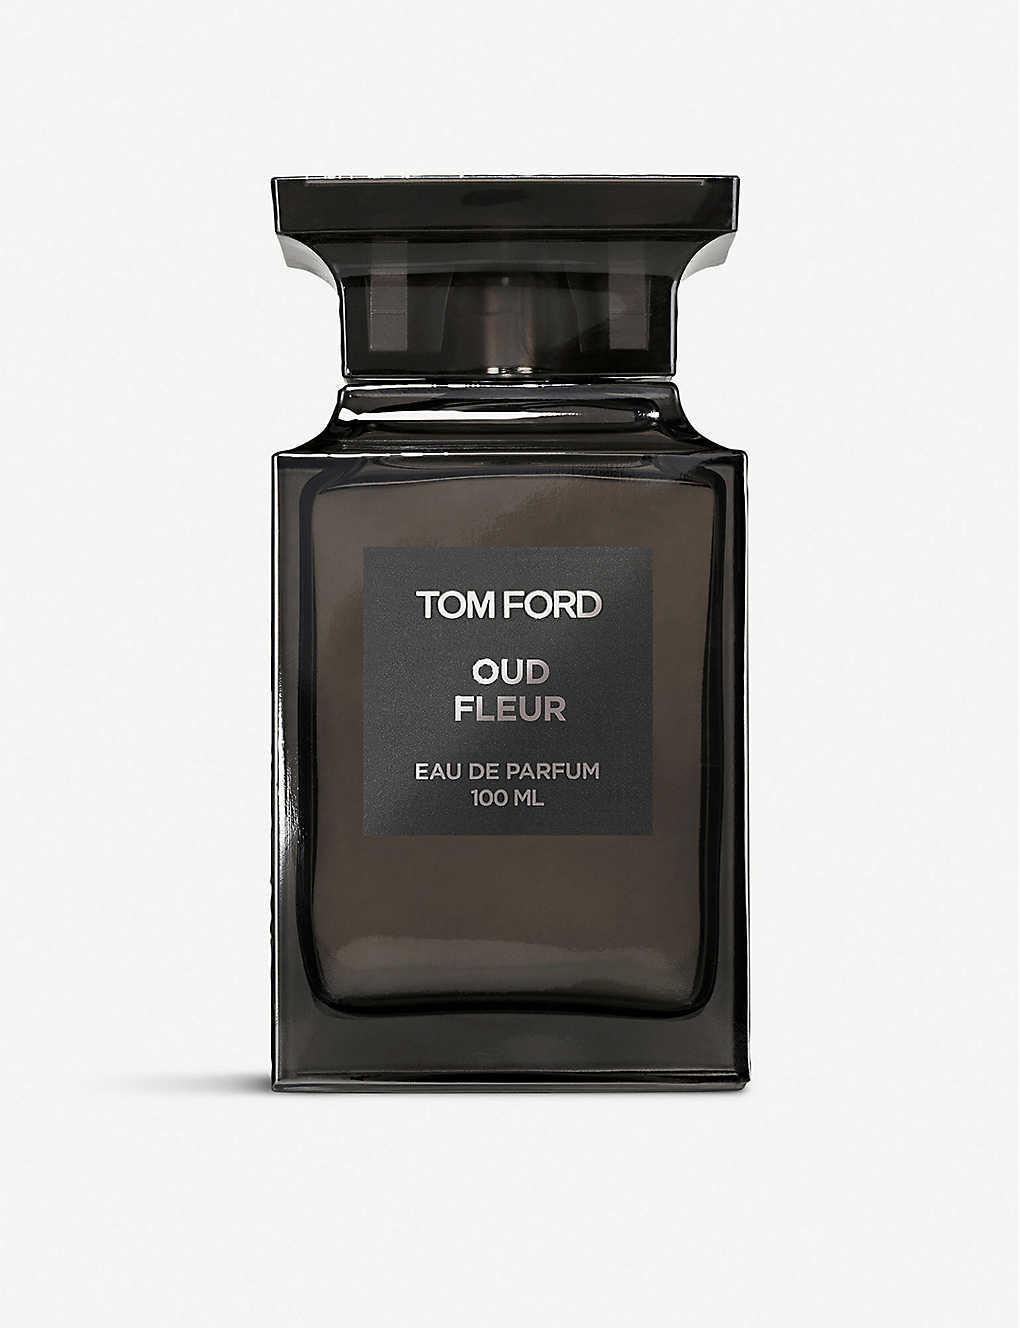 Tom Ford Oud Fleur for Unisex Eau De Parfum 100ML